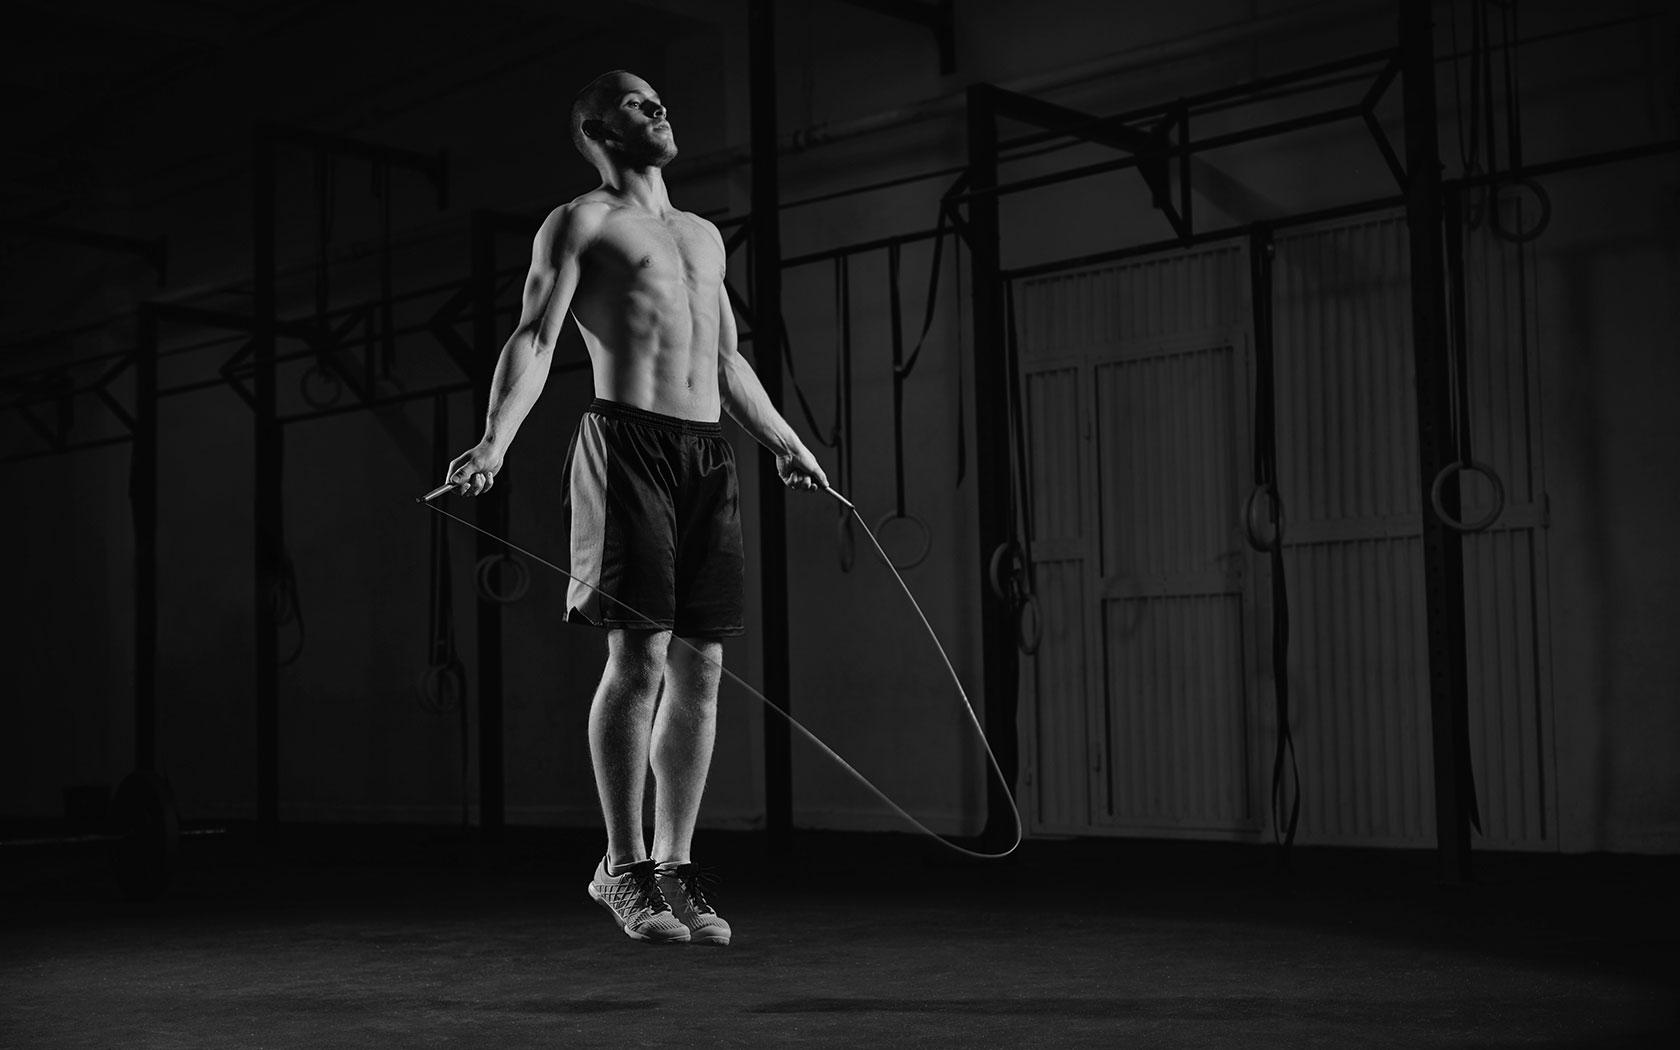 آموزش-طناب-زدن-برای-لاغری-و-کاهش-وزن